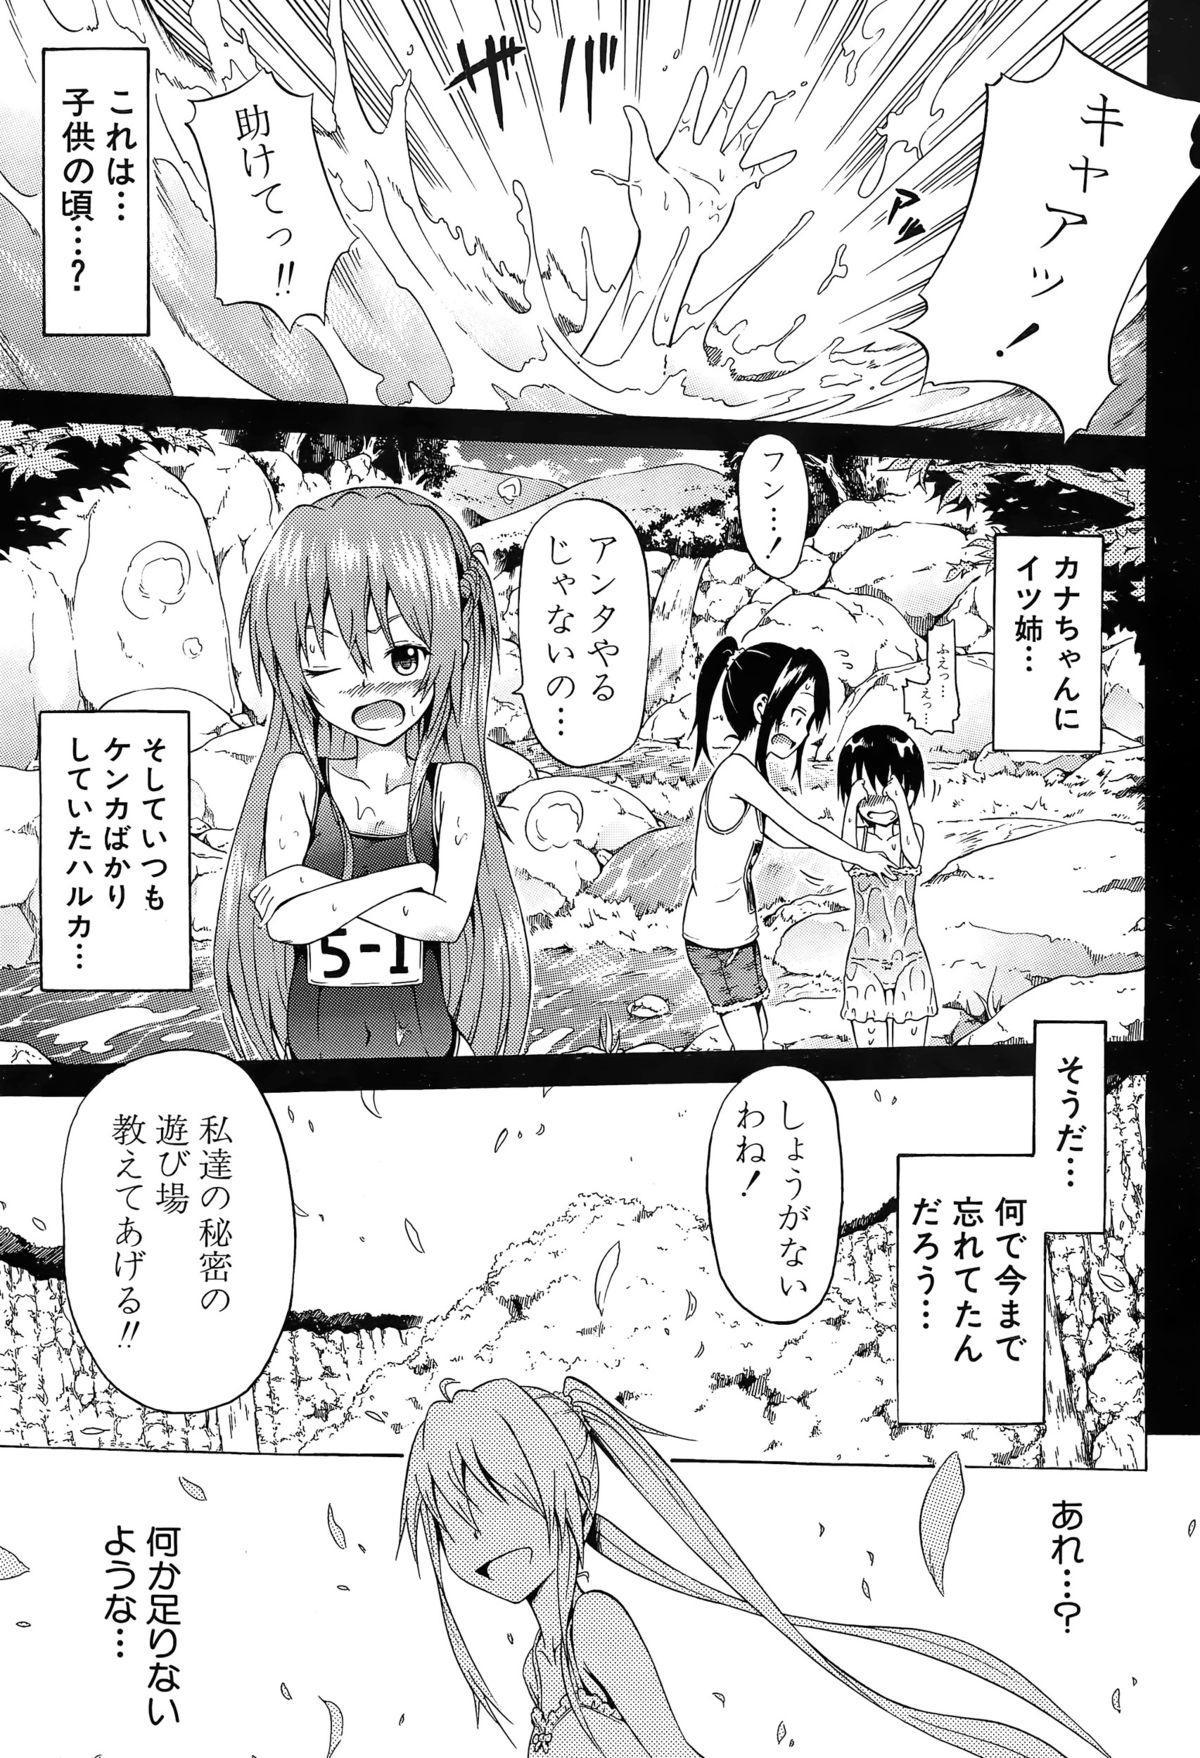 Natsumitsu x Harem! 126